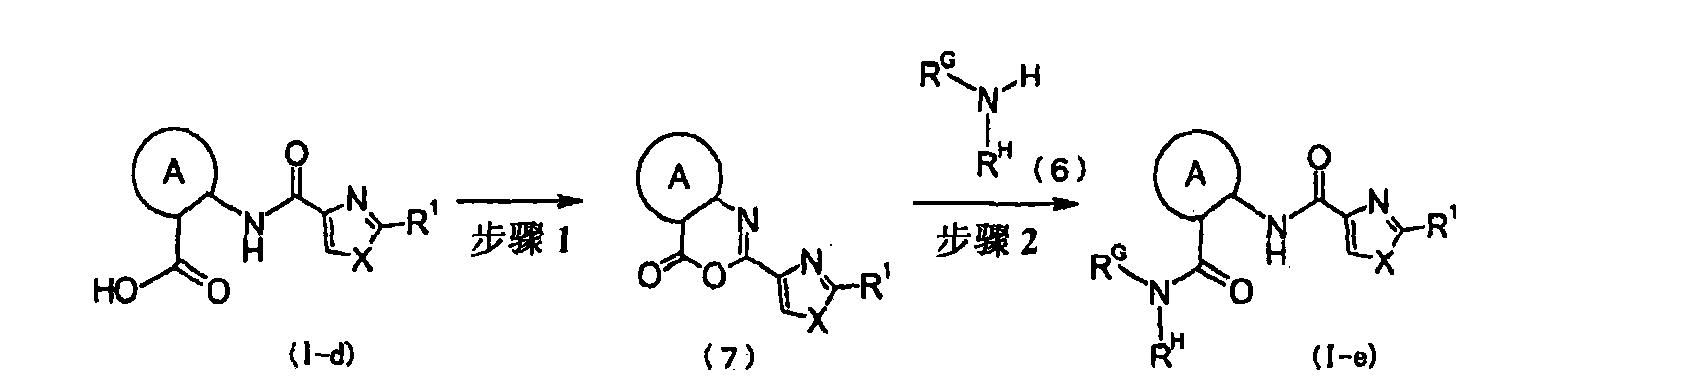 Figure CN101835764BD00202